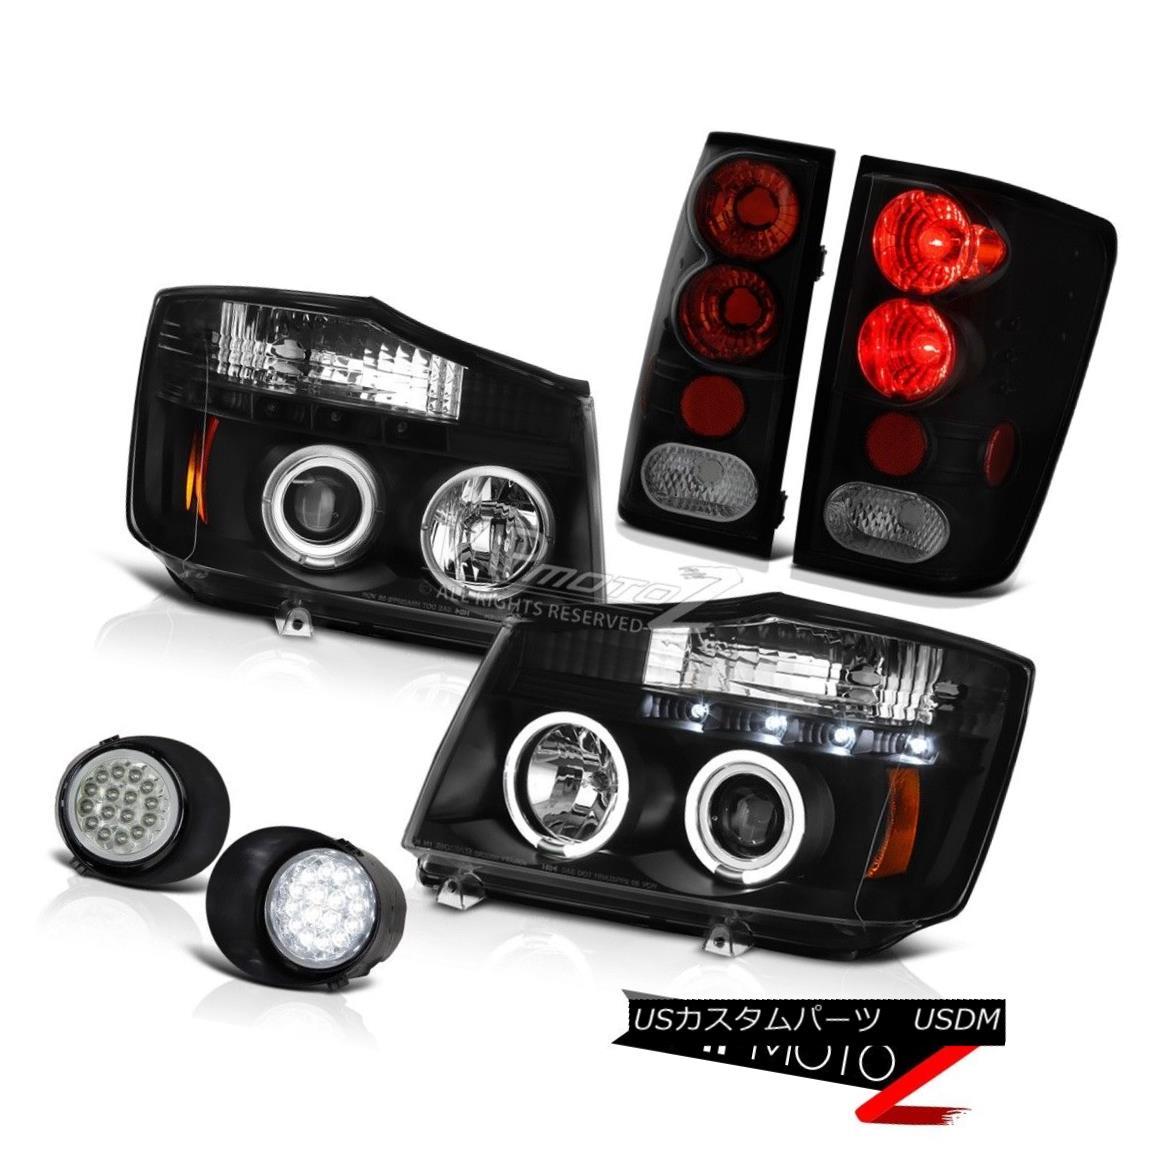 ヘッドライト For 04 05 06 07 Titan Headlight Tail Lights Sinister Black Brake Lights LED Fog 04 05 06 07タイタンヘッドライトテールライト不快なブラックブレーキライトLEDフォグ